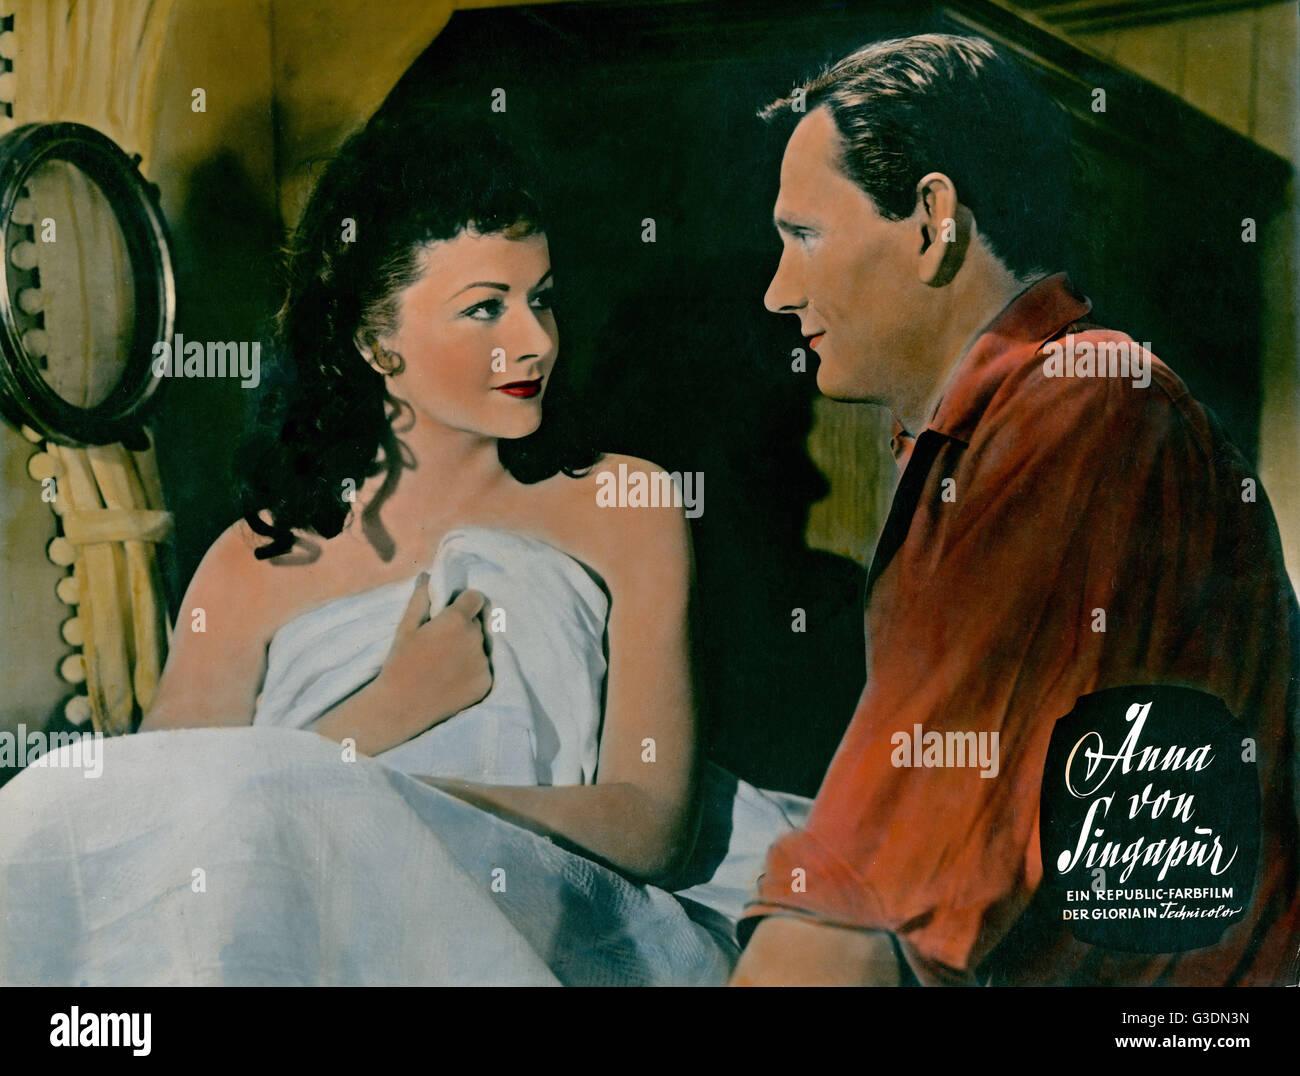 Laughing Anne, aka: Anna von Singapur, Großbritannien 1954, Regie: Herbert Wilcox, Darsteller: Forrest Tucker, - Stock Image